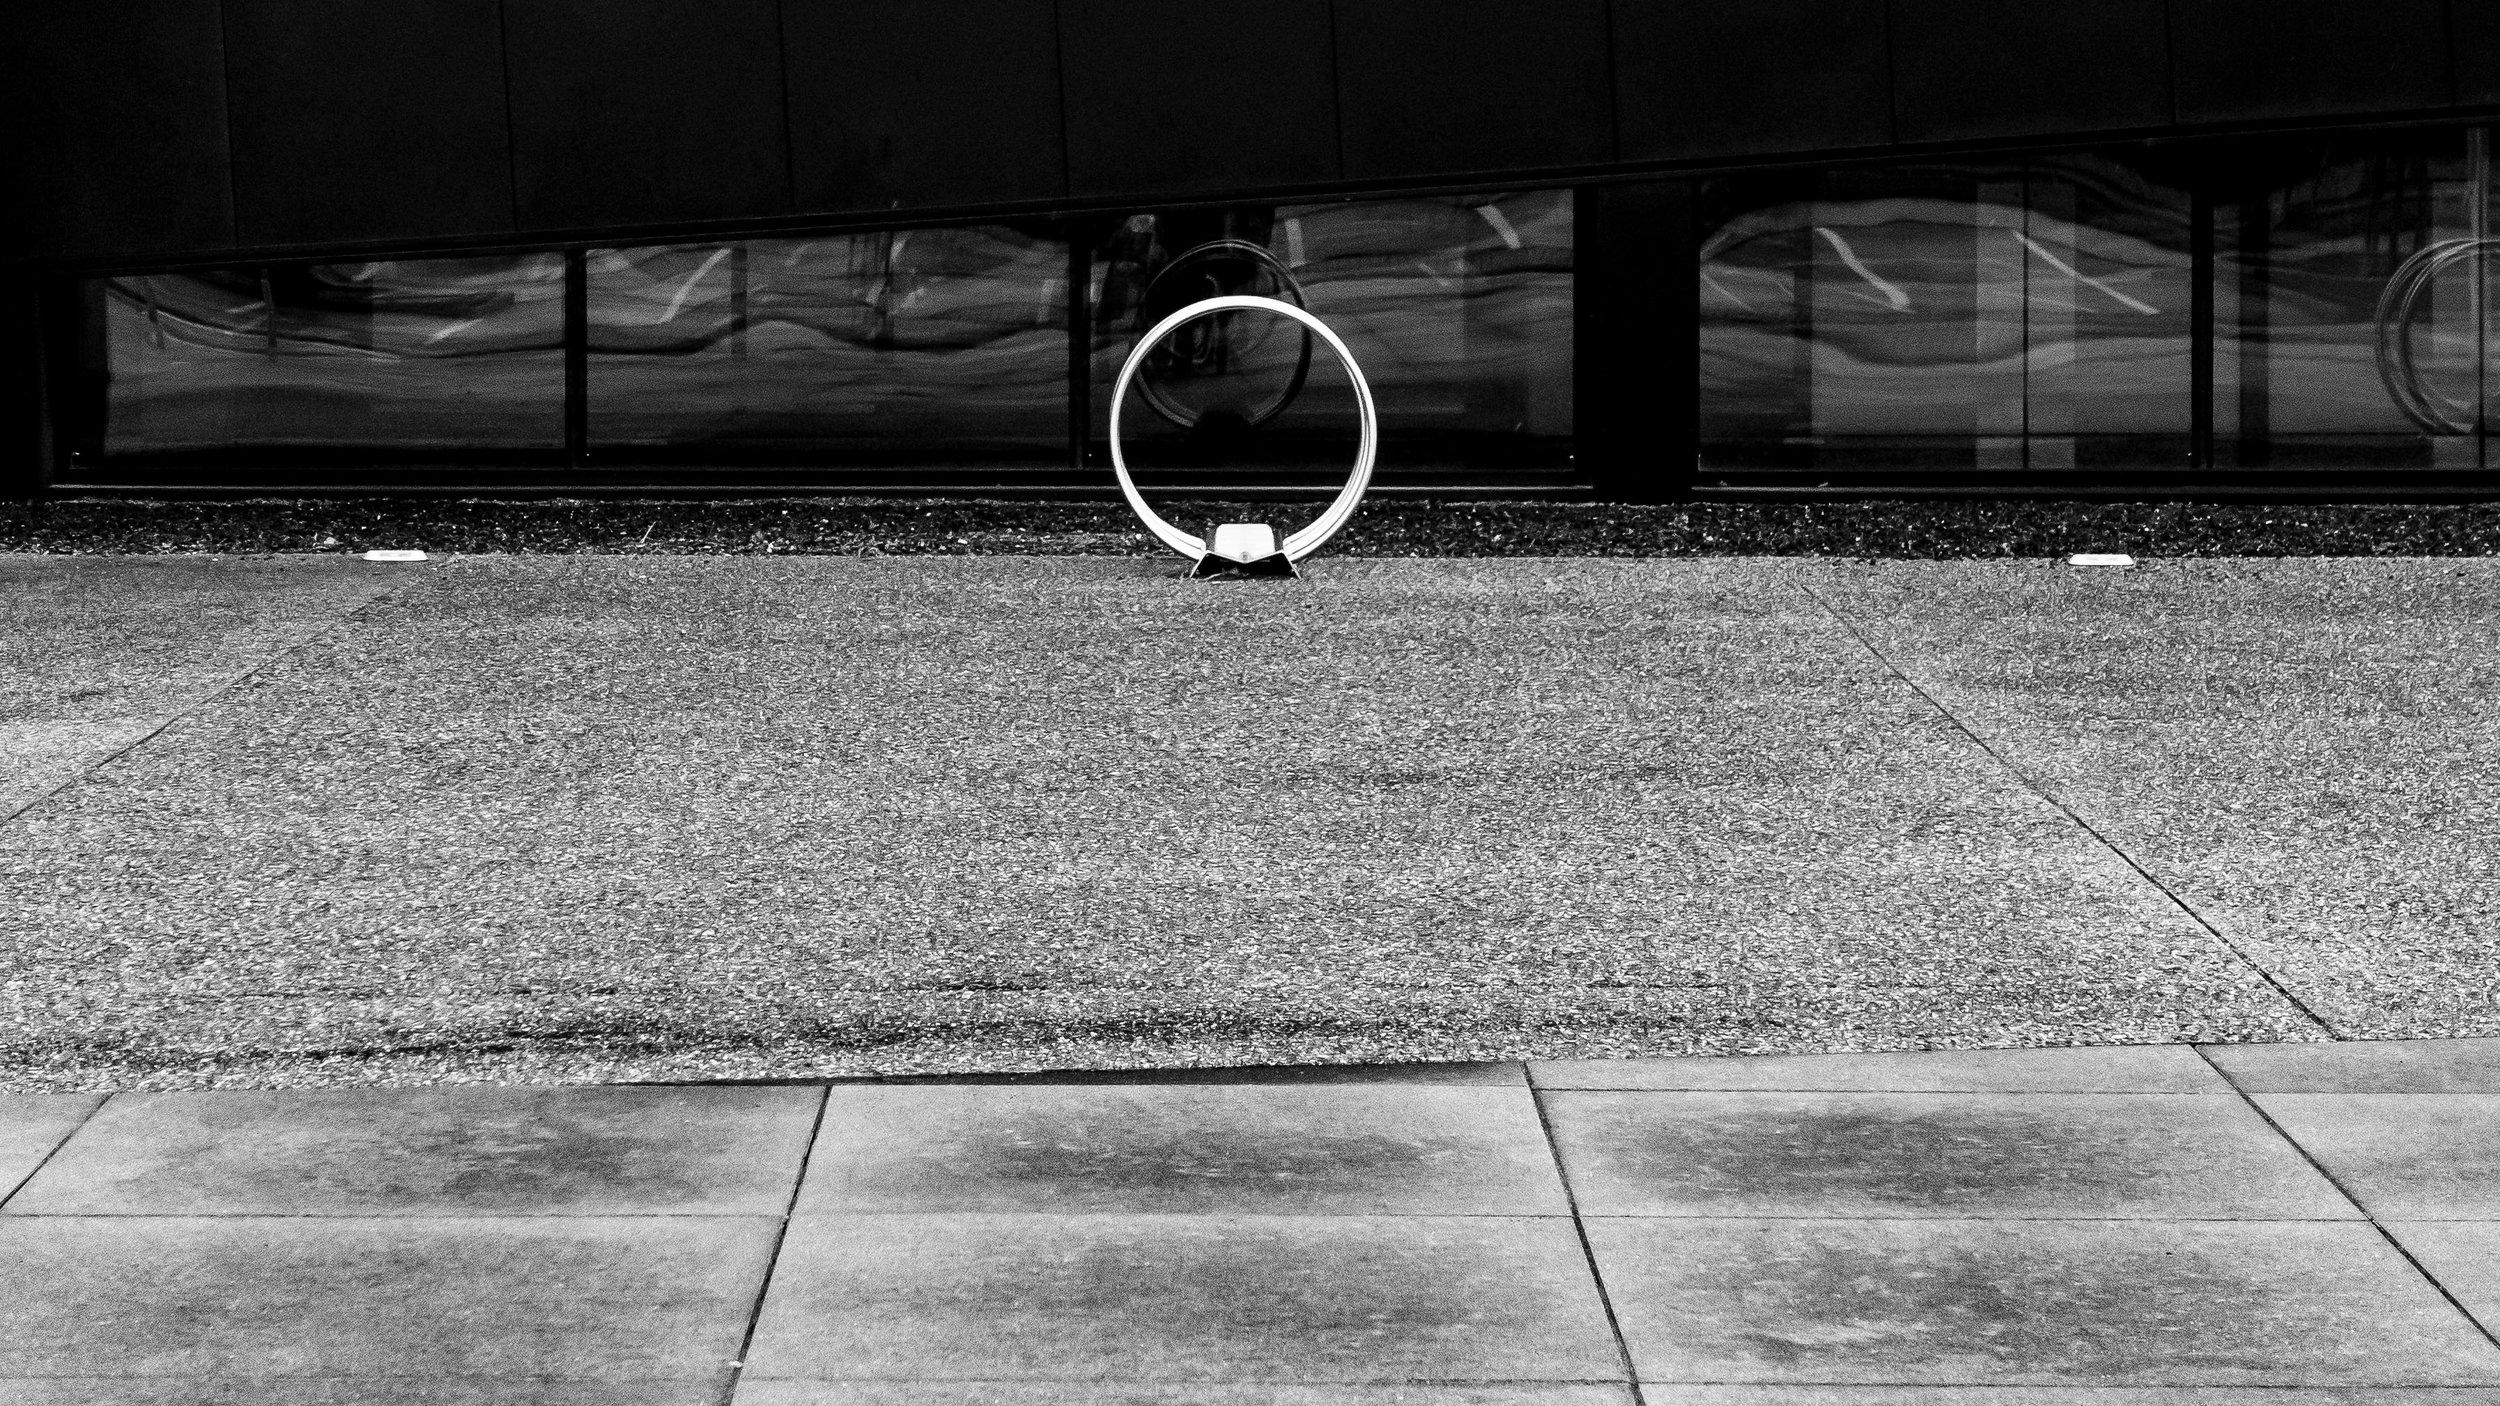 viewfinder-eigenzinnige-fotografie-lijnen-vormen-minimalisme-parking-1